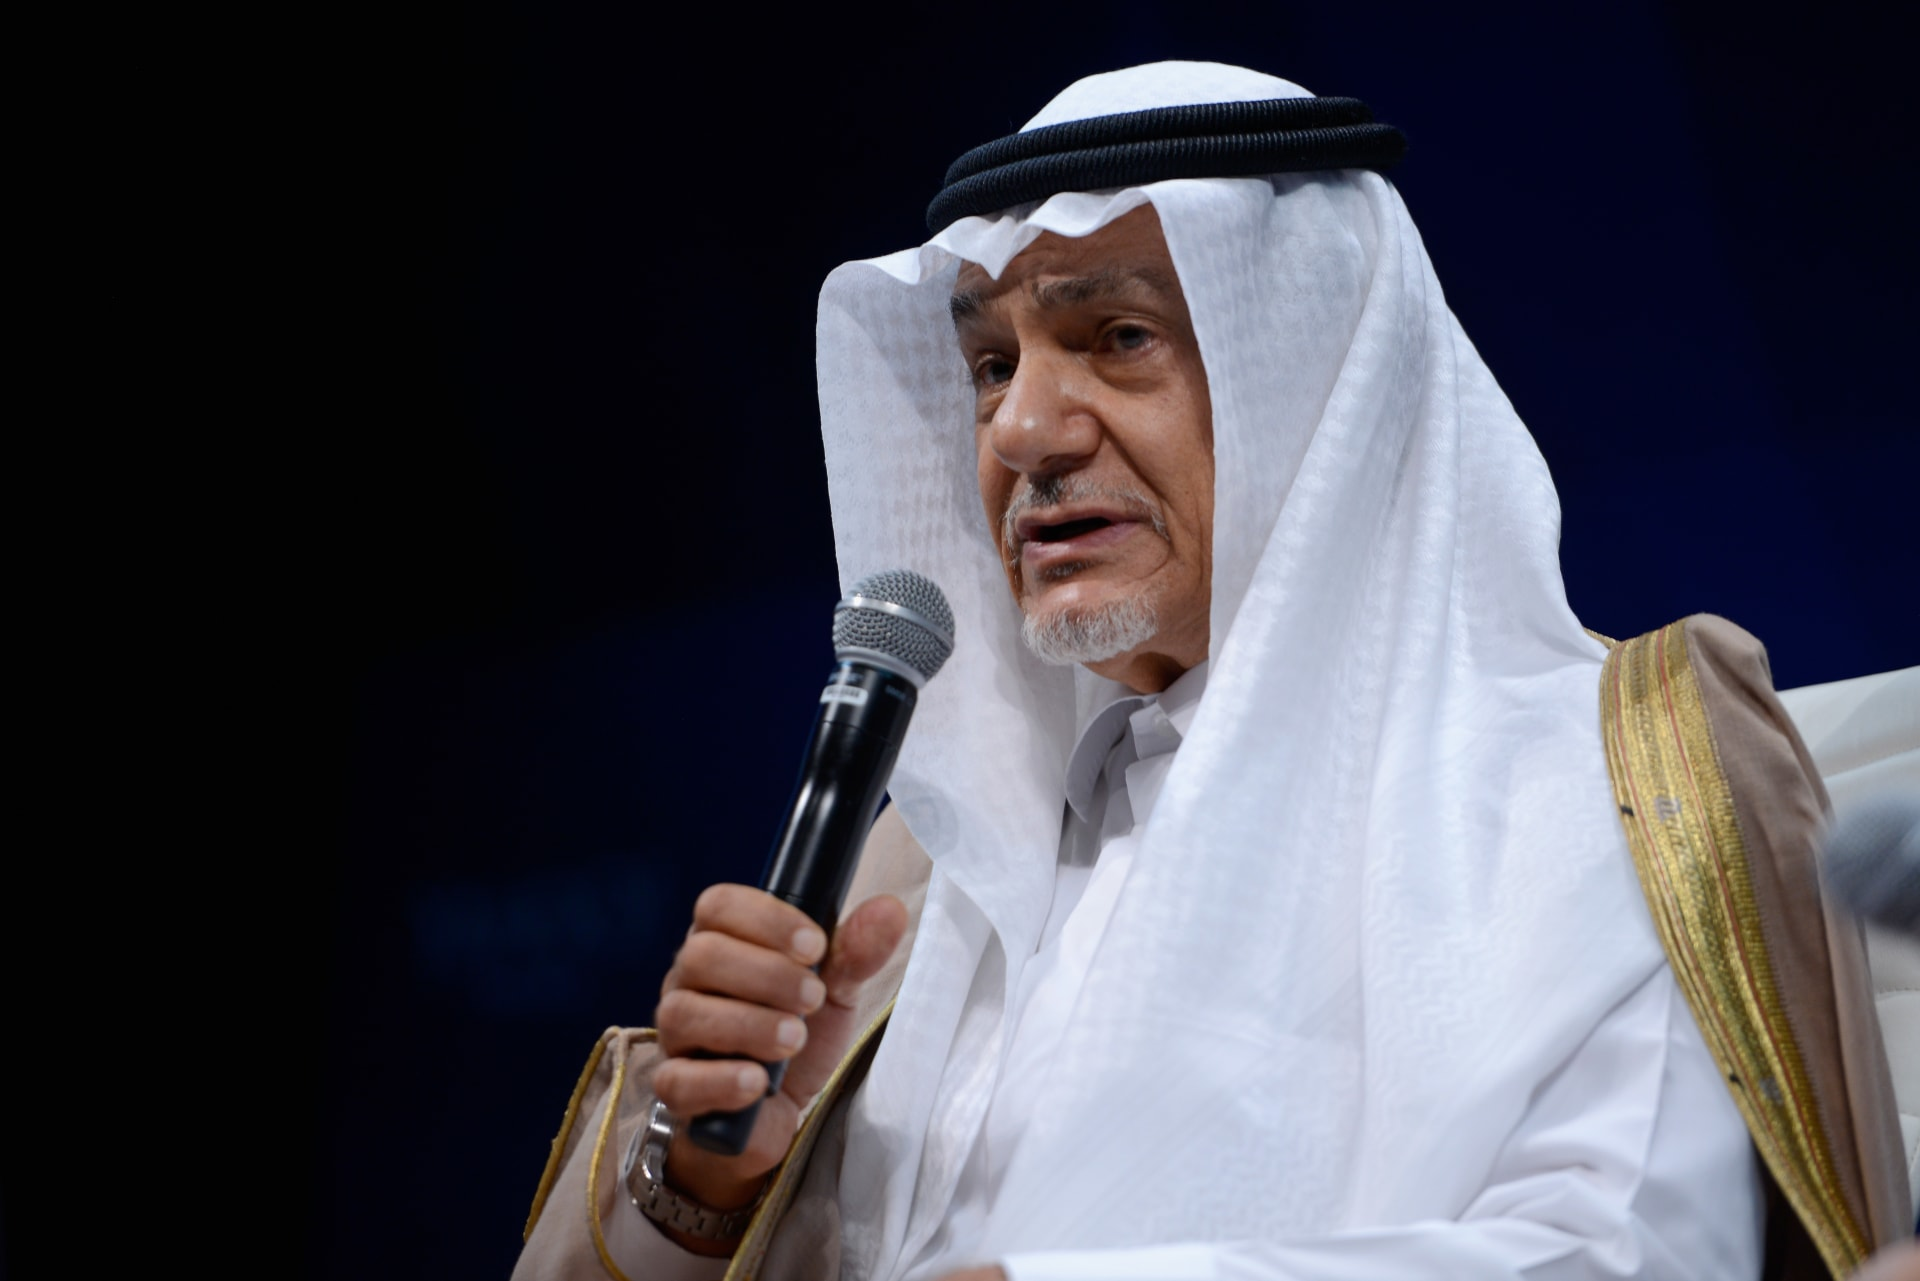 الأمير تركي الفيصل مدير المخابرات السعودية الأسبق